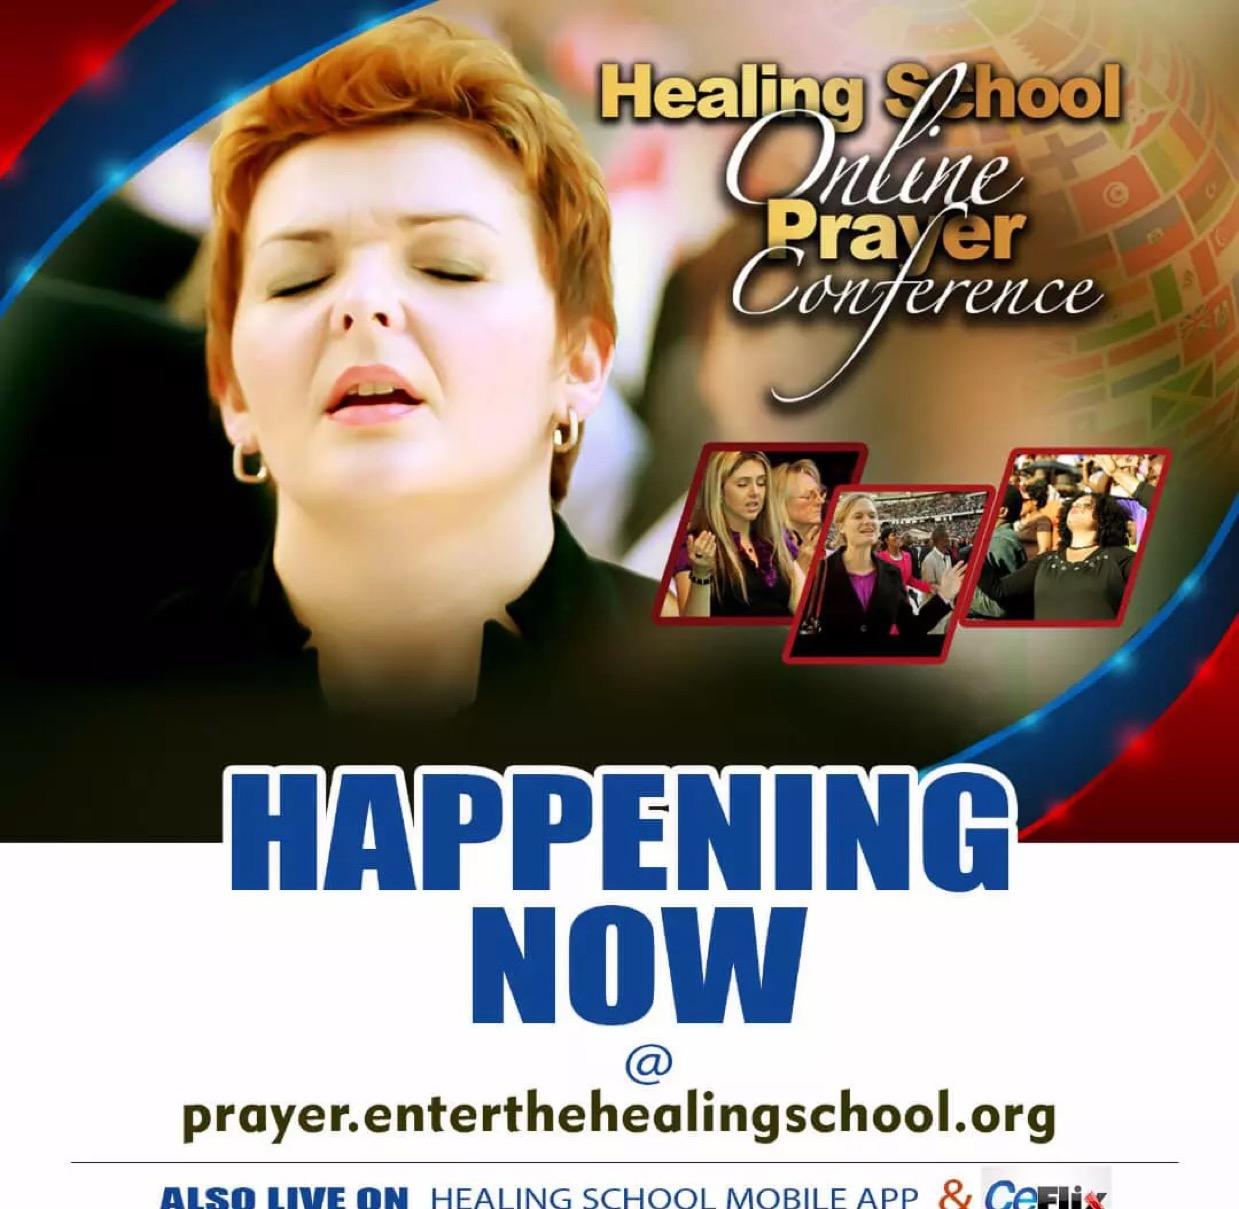 #HSPC! Happening now The Healing